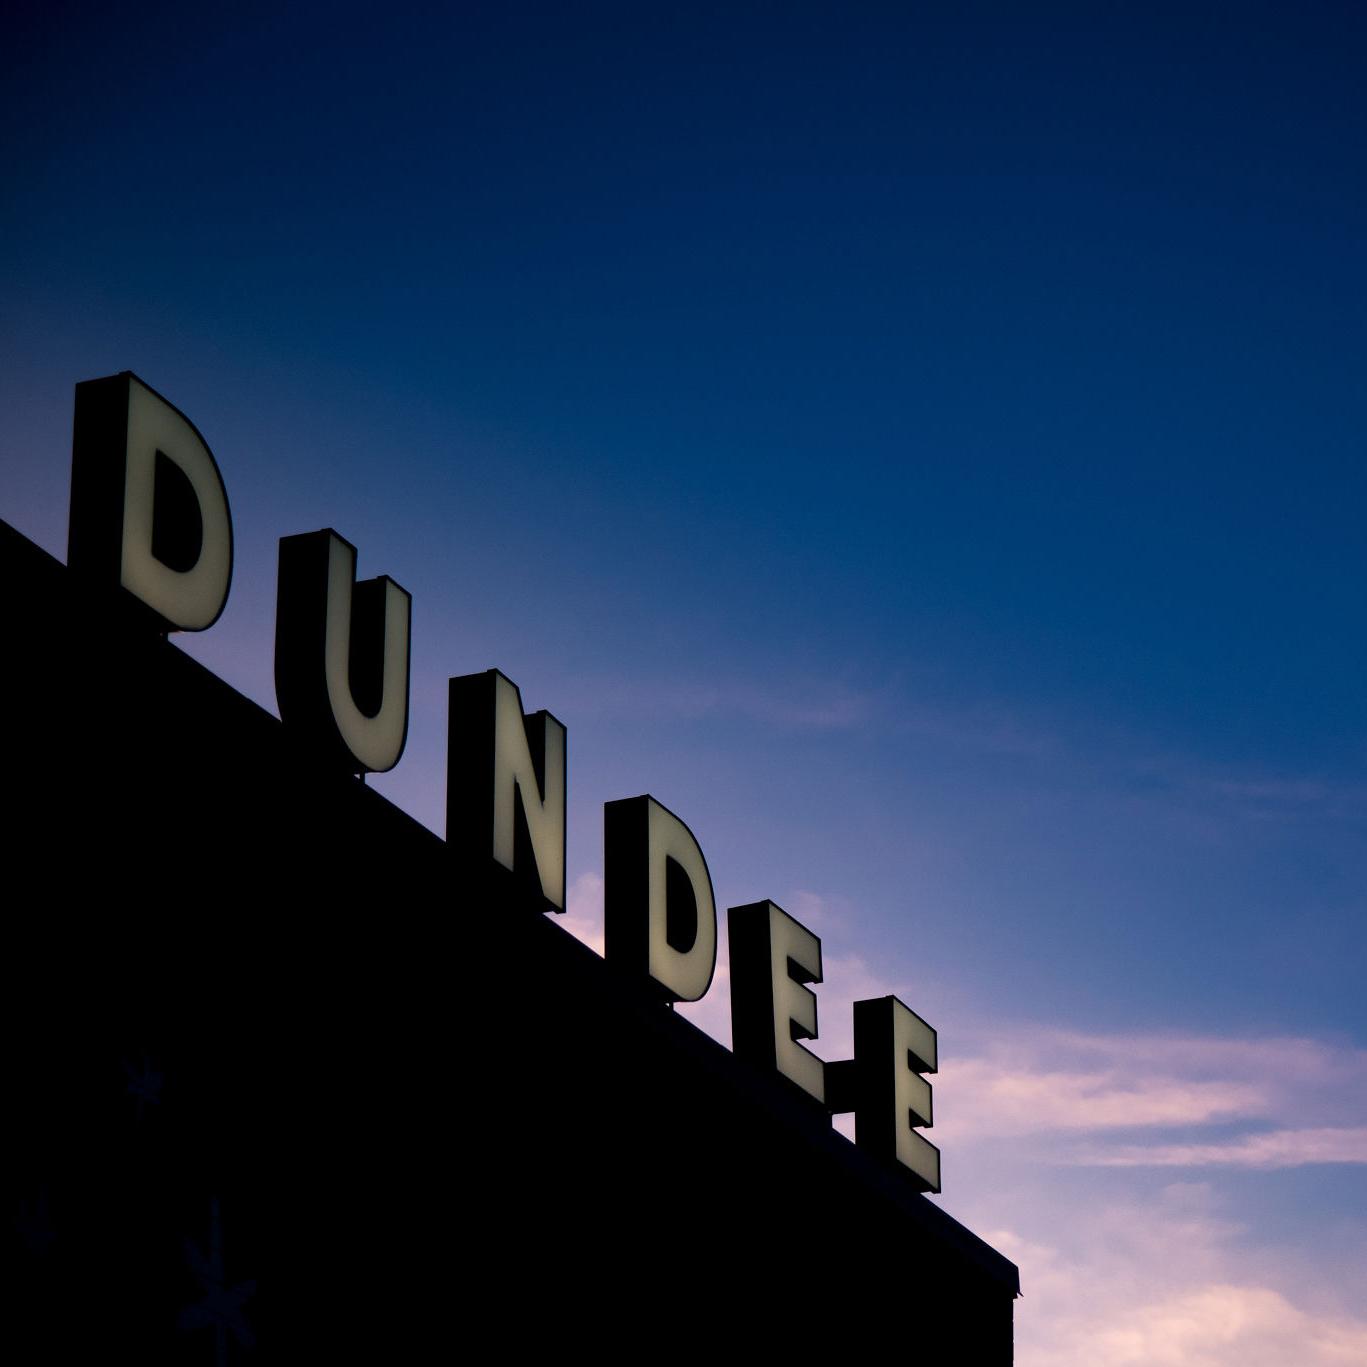 jkdc-DundeeTheater_DSC7263.jpg